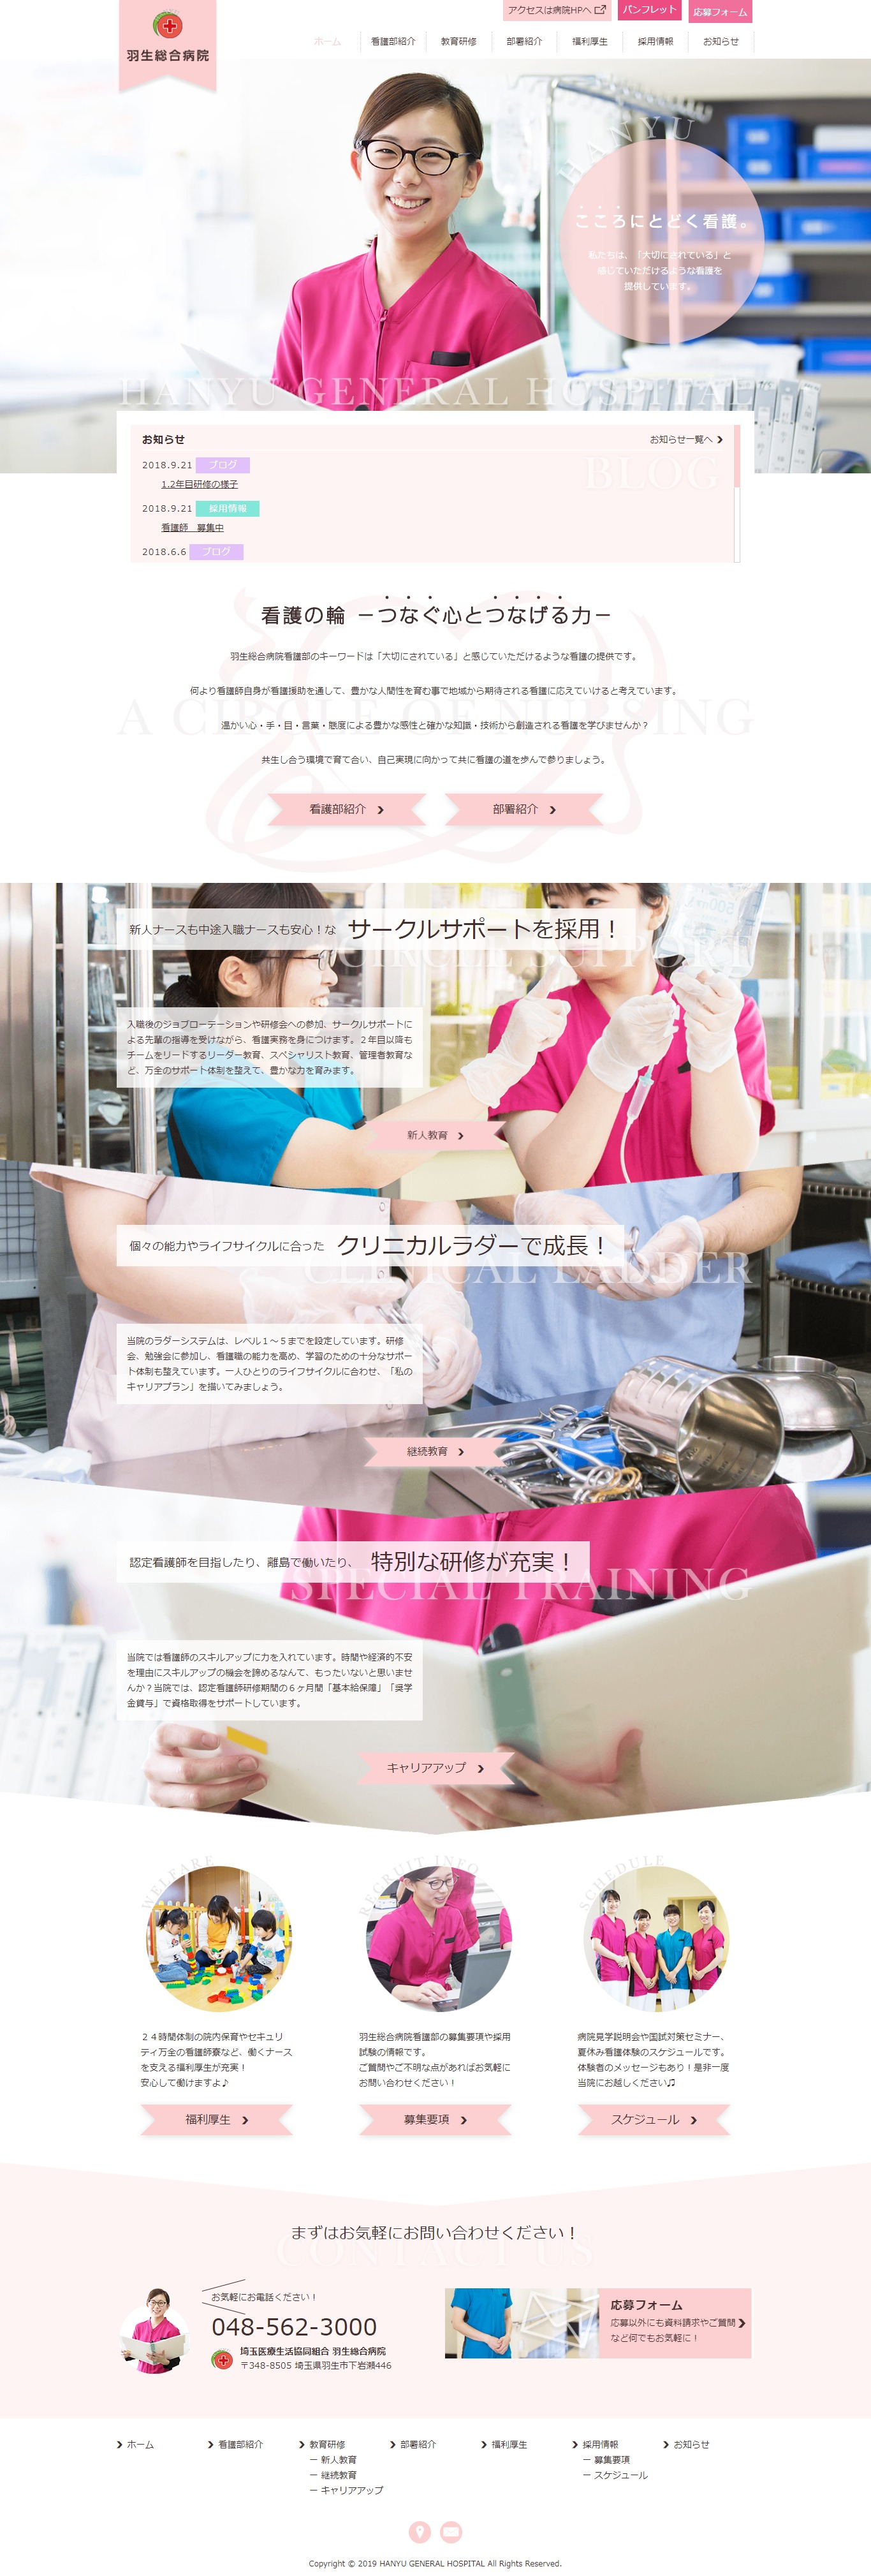 2000年4月作成「埼玉医療生活協同組合 羽生総合病院」看護部サイト